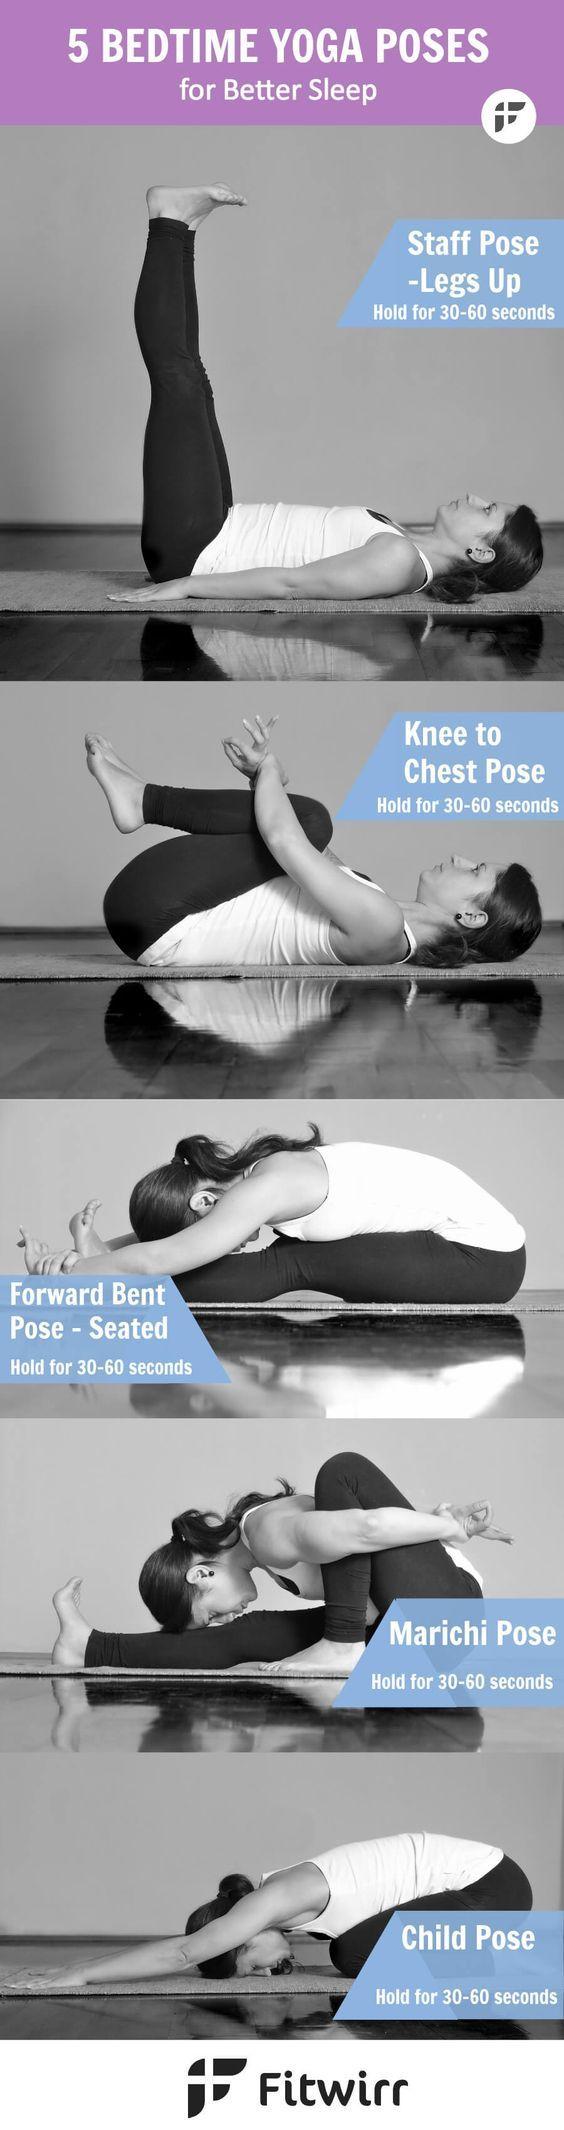 Best Yoga Poses for better sleep